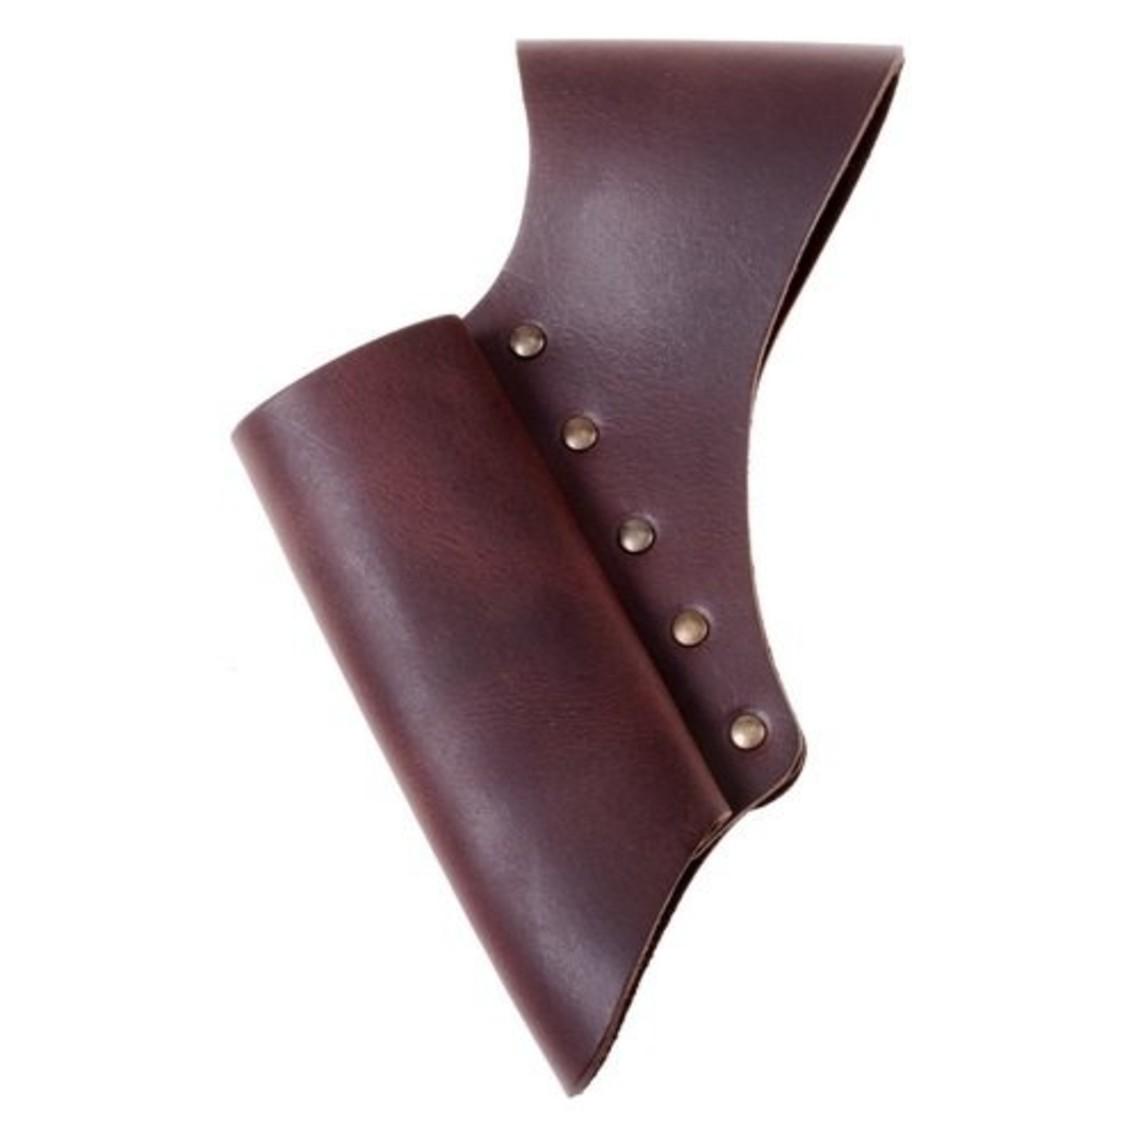 Chevalier porte-épée pour ceinture, brun